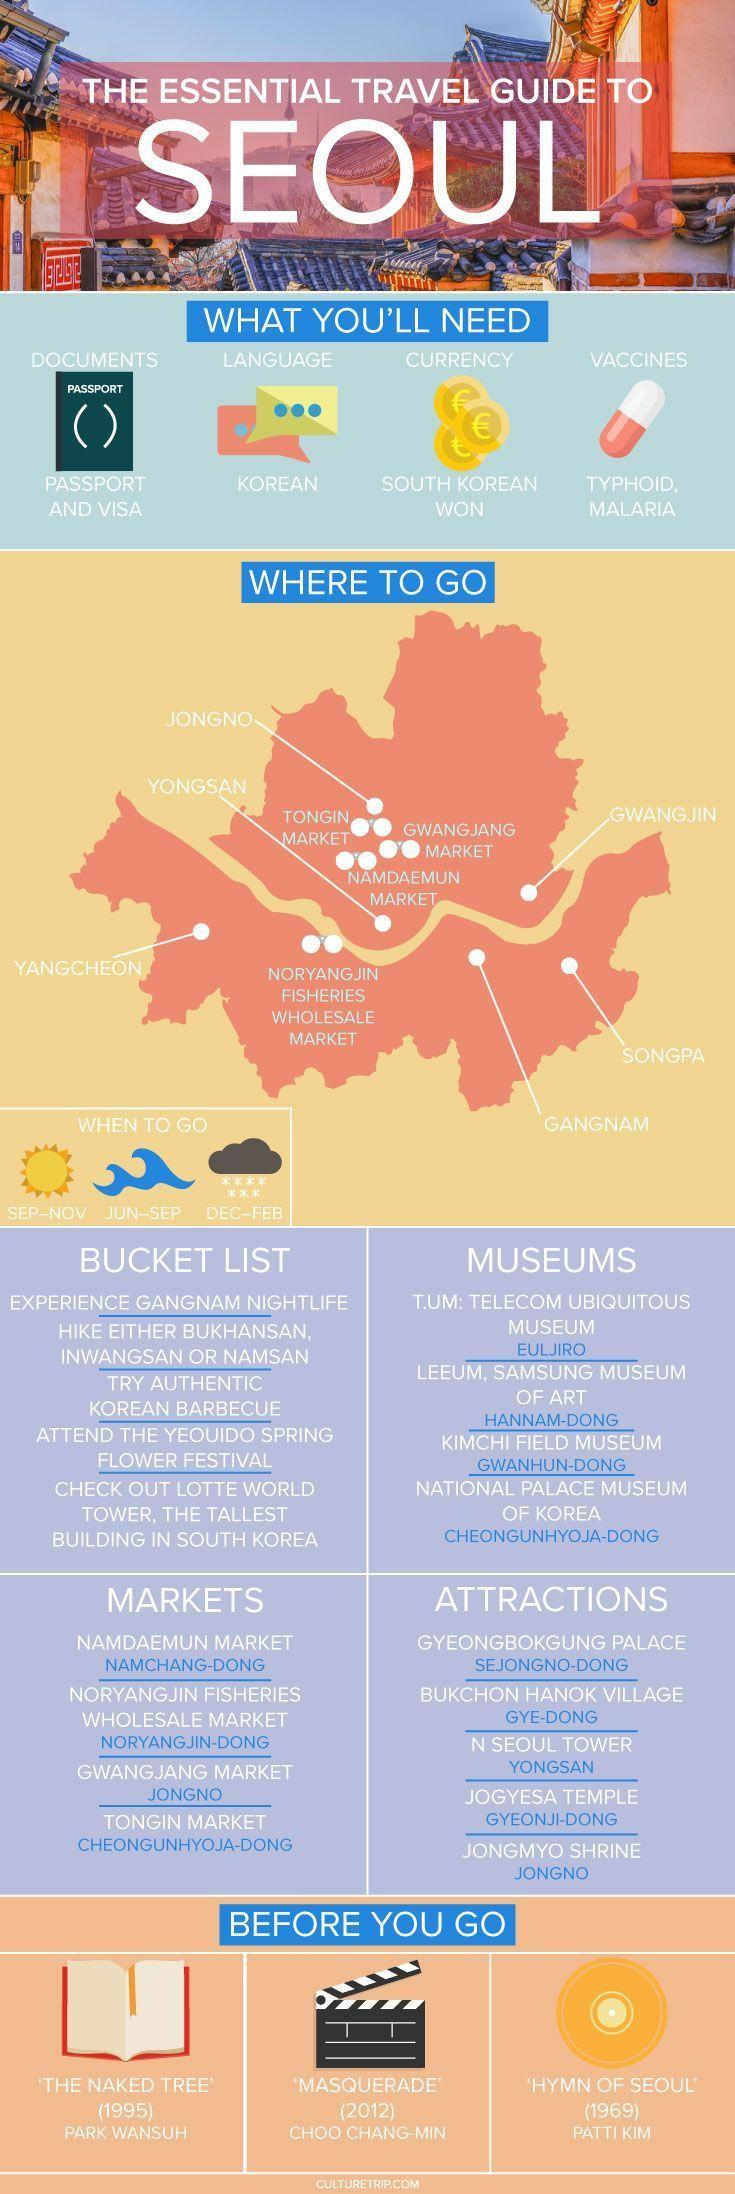 Der unentbehrliche Reiseführer für Seoul (Infografik)